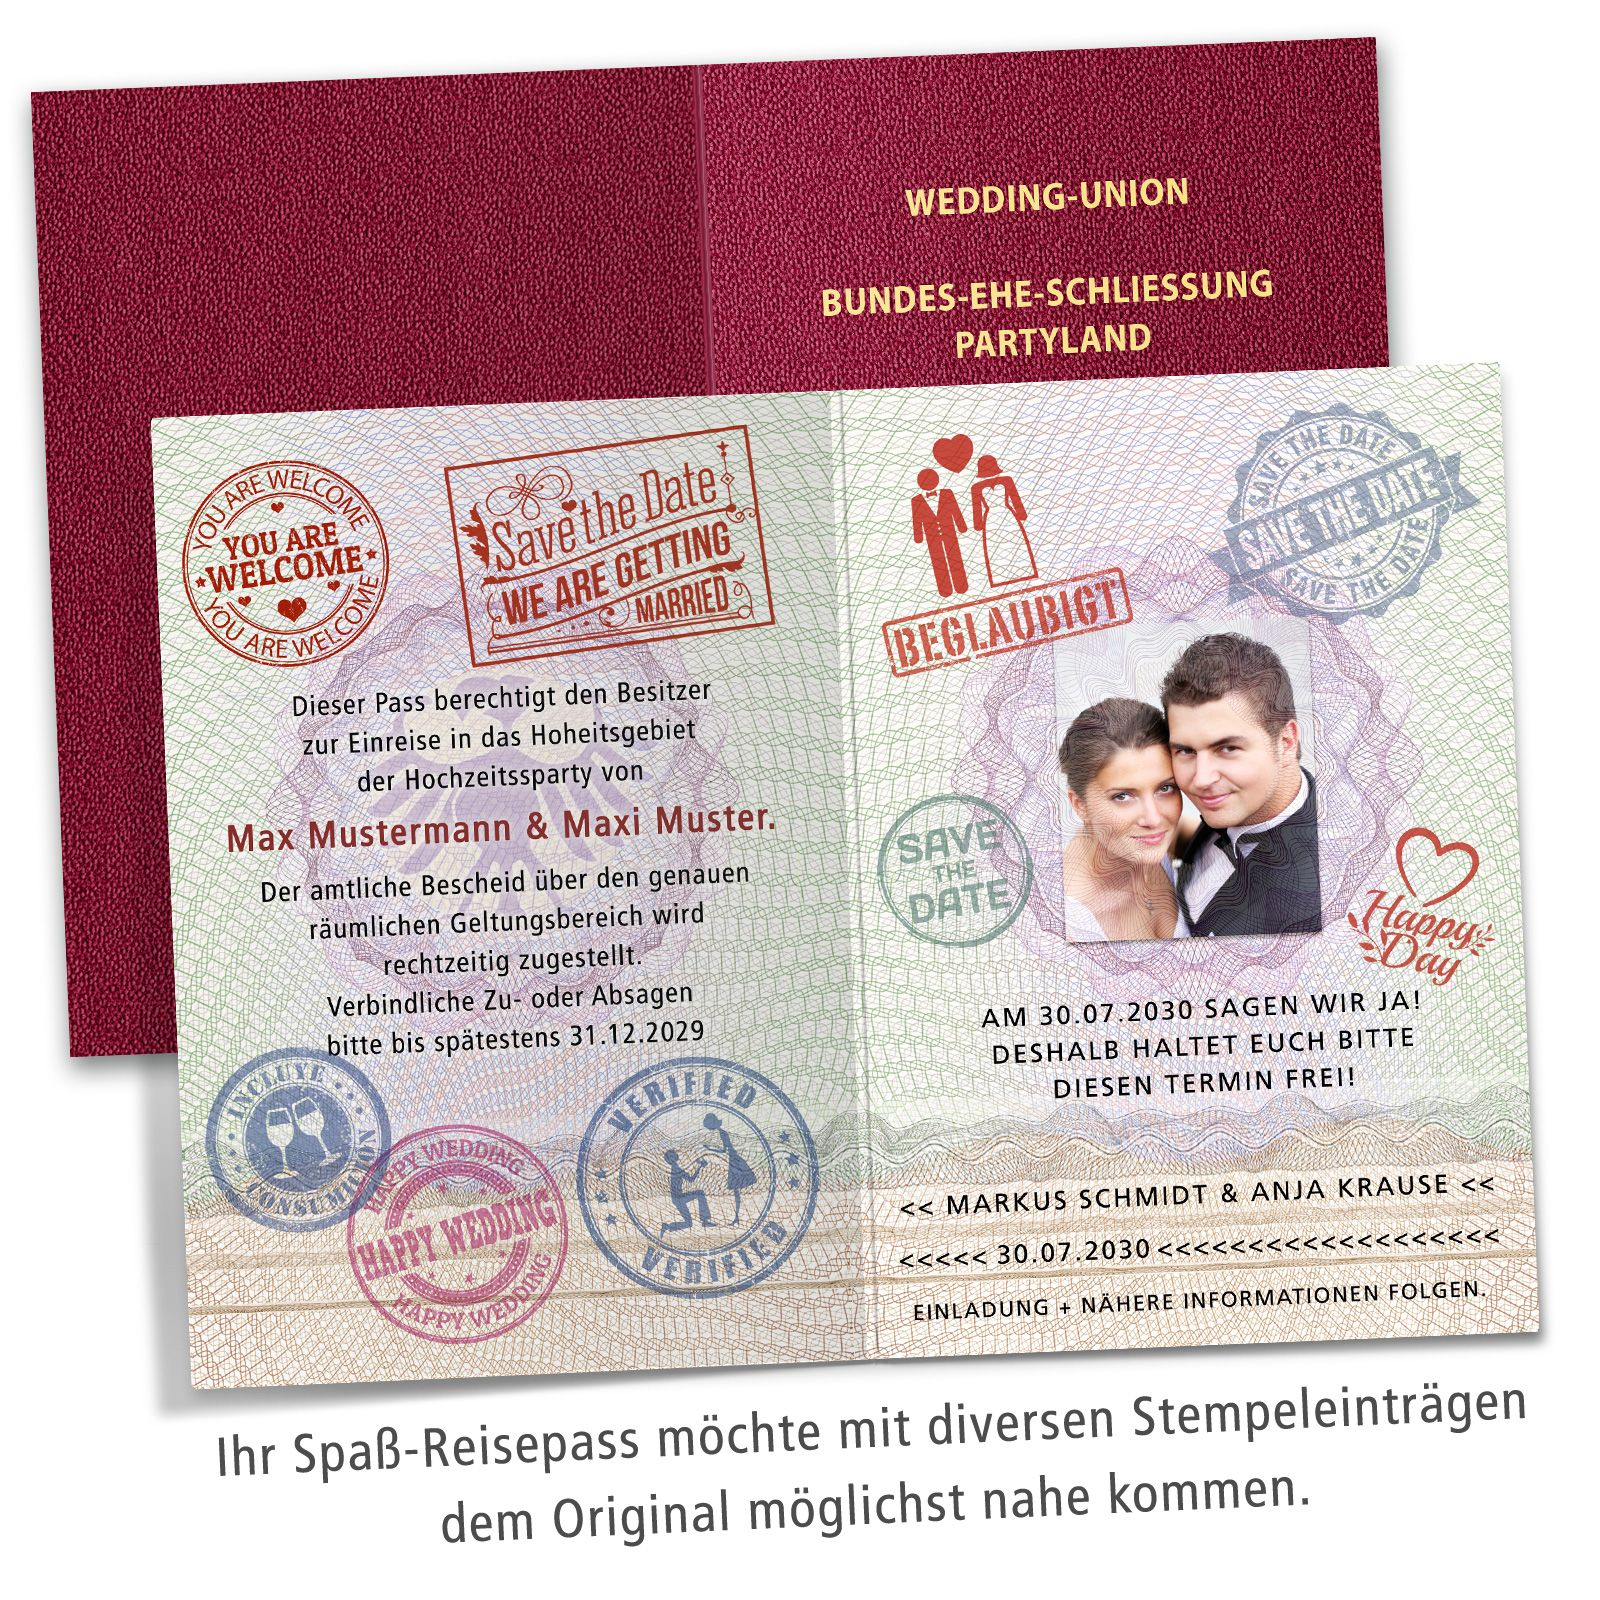 Save The Date Karte Als Reisepass Die Amtliche Legitimation Zum Aufenthalt Bei Ihrer Hochzeitsparty Mit Den Passenden Kontro Reisepass Karten Save The Date